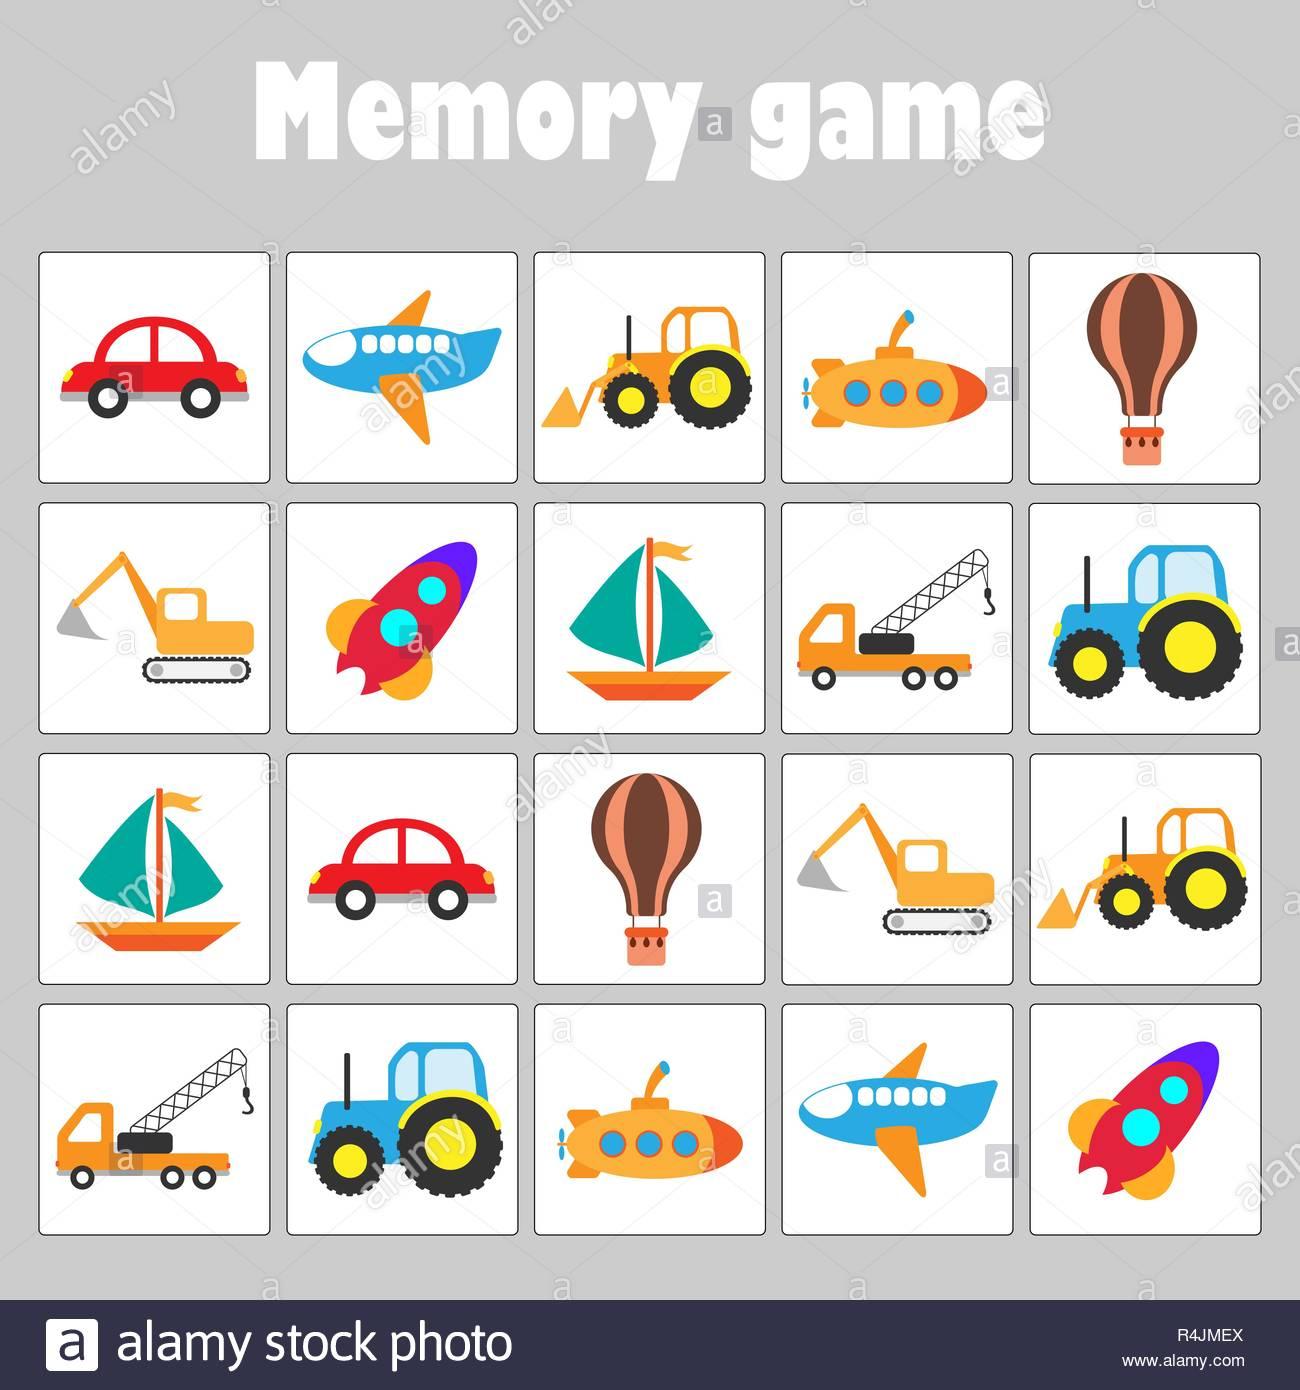 Jeu De Mémoire Avec Des Images Différentes Pour Les Enfants intérieur Jeux De Memory Pour Enfants